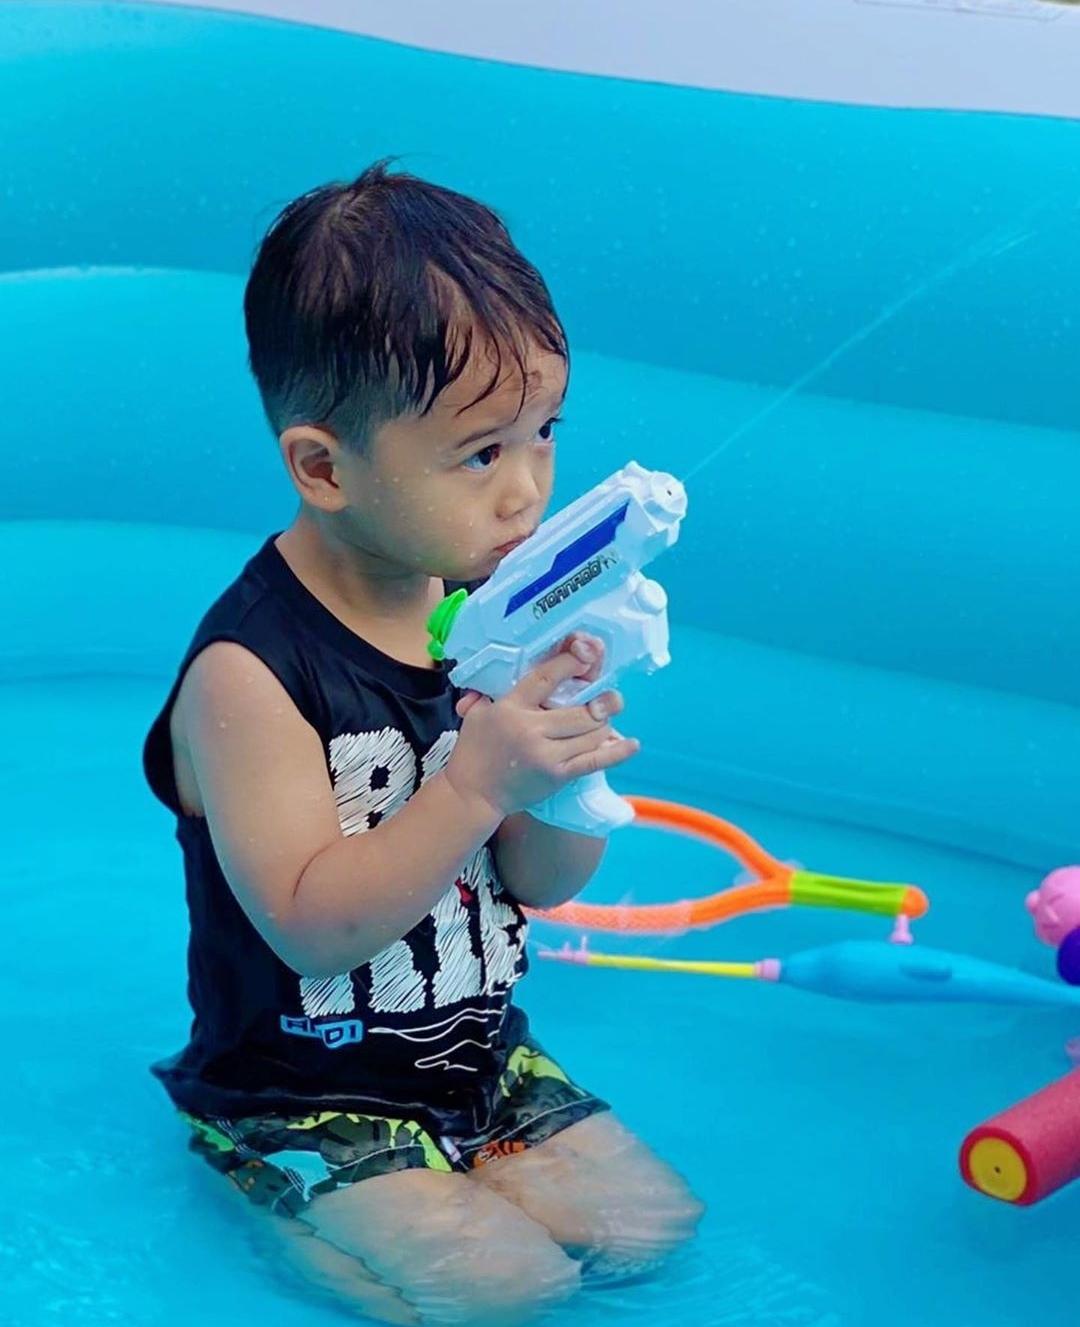 胡杏儿儿子3岁生日,与妈妈远程视频庆生,奕霆职业假笑模样超萌